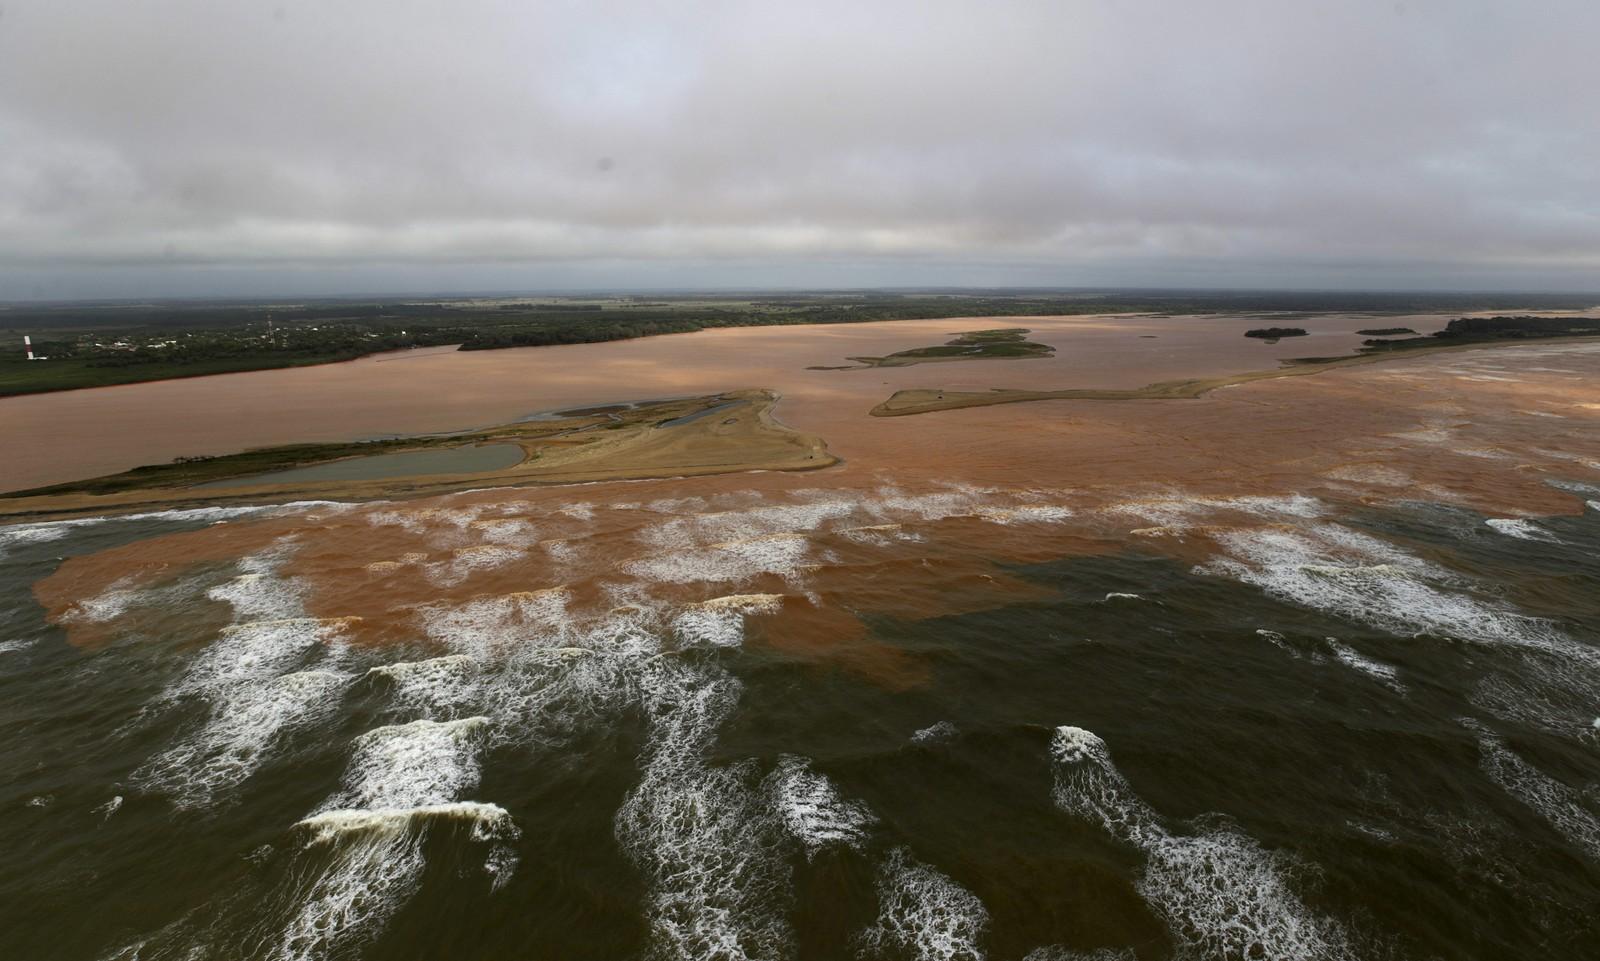 Munningen av Rio Doce der gjørma no har nådd etter å ha flytt i 500 kilometer.